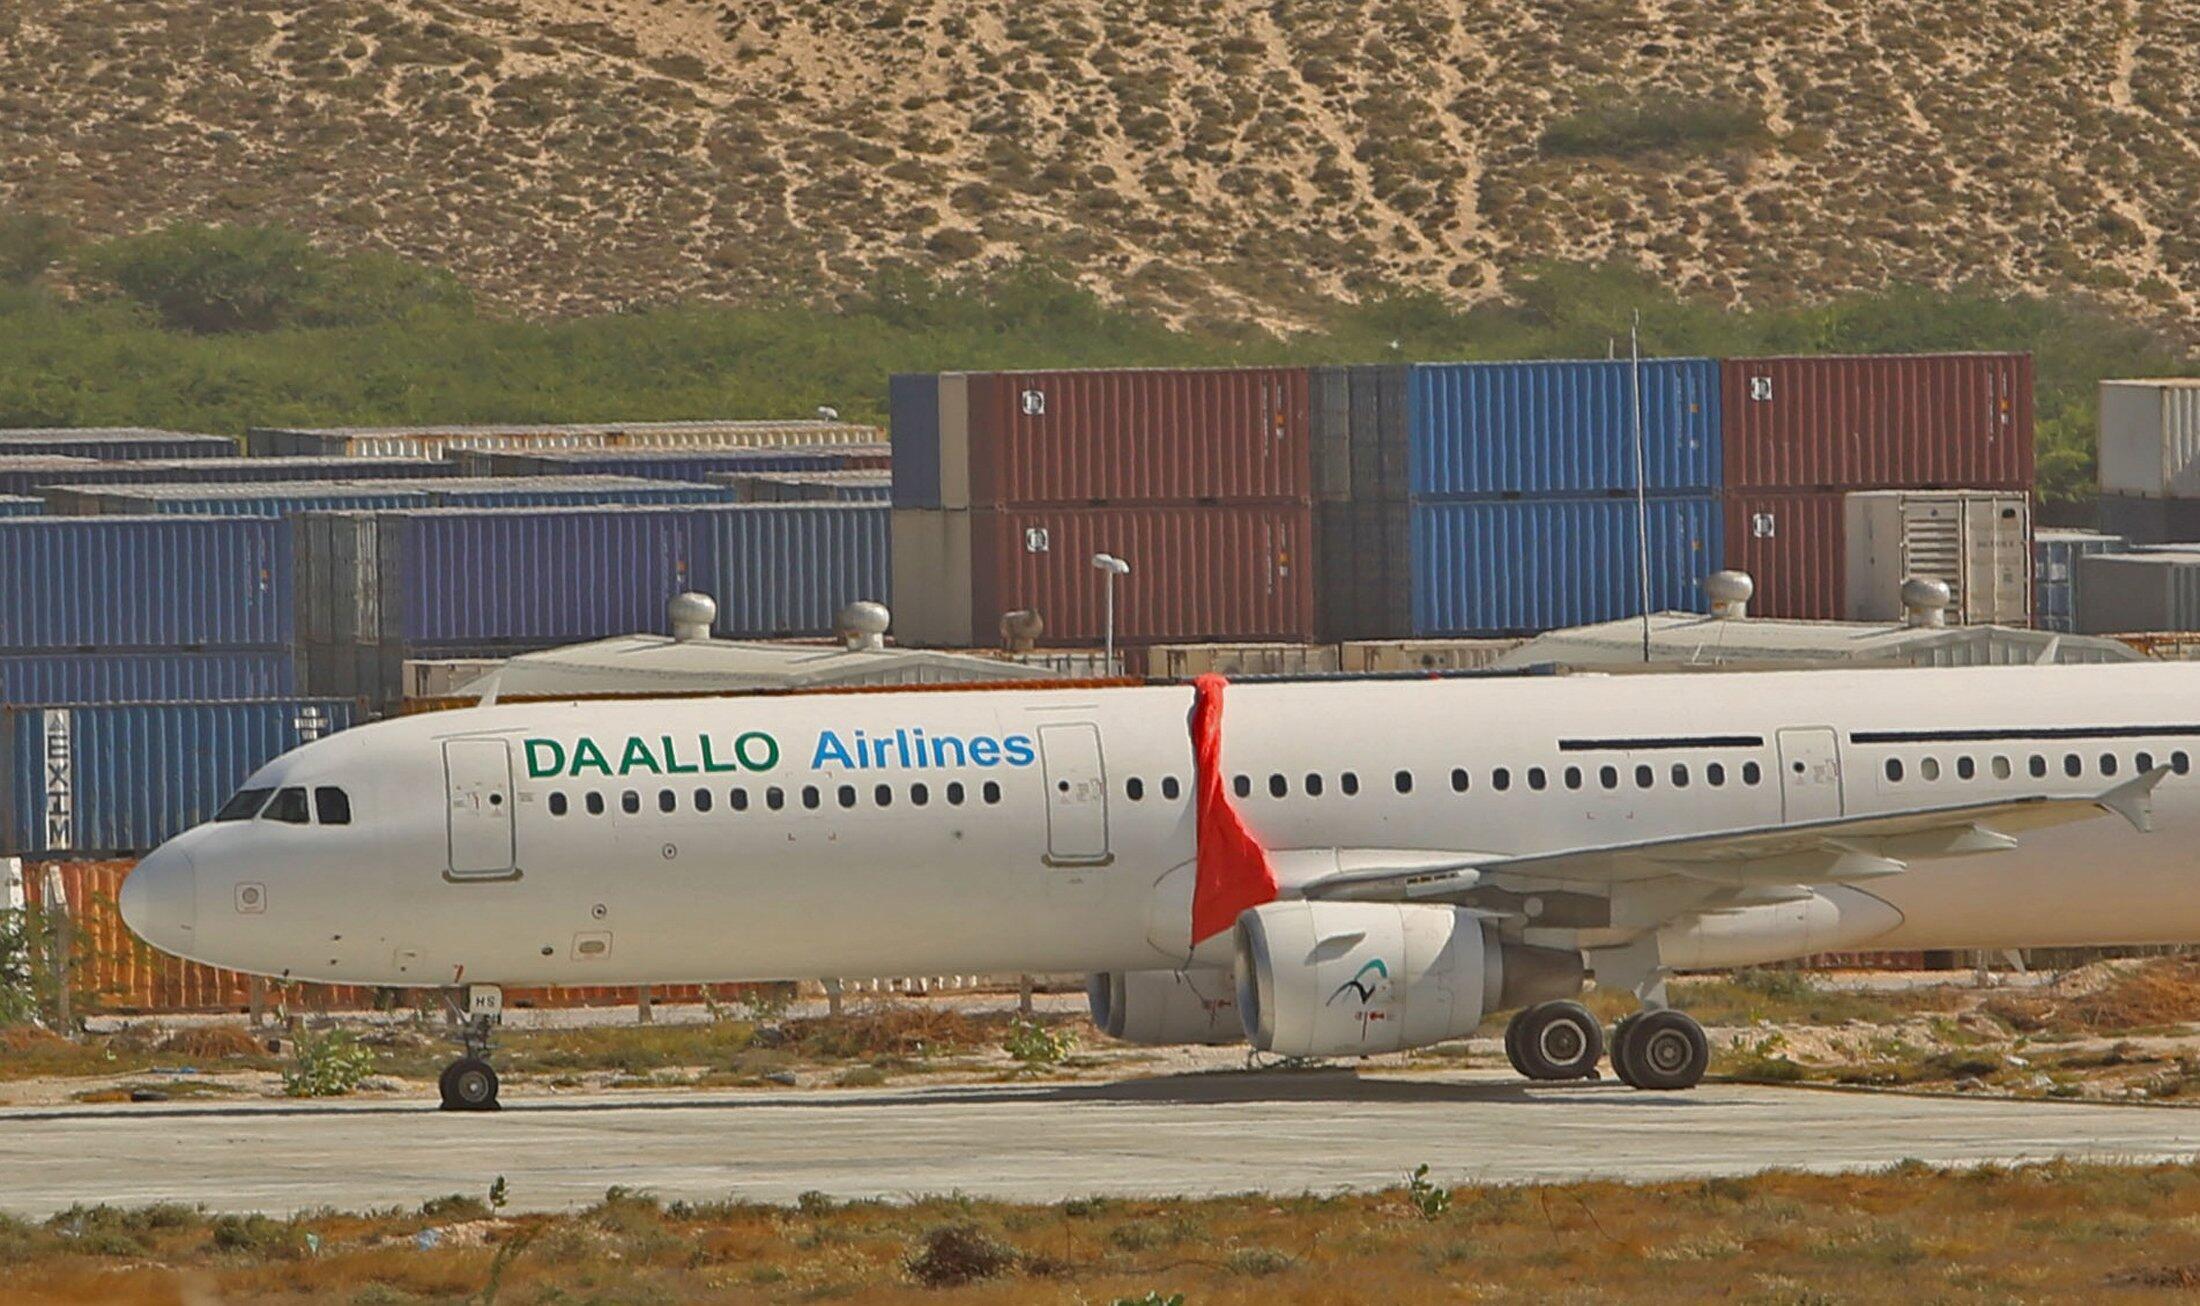 Самолет A321, совершивший аварийную посадку в Могадишо из-за взрыва на борту, 3 февраля 2016 г.